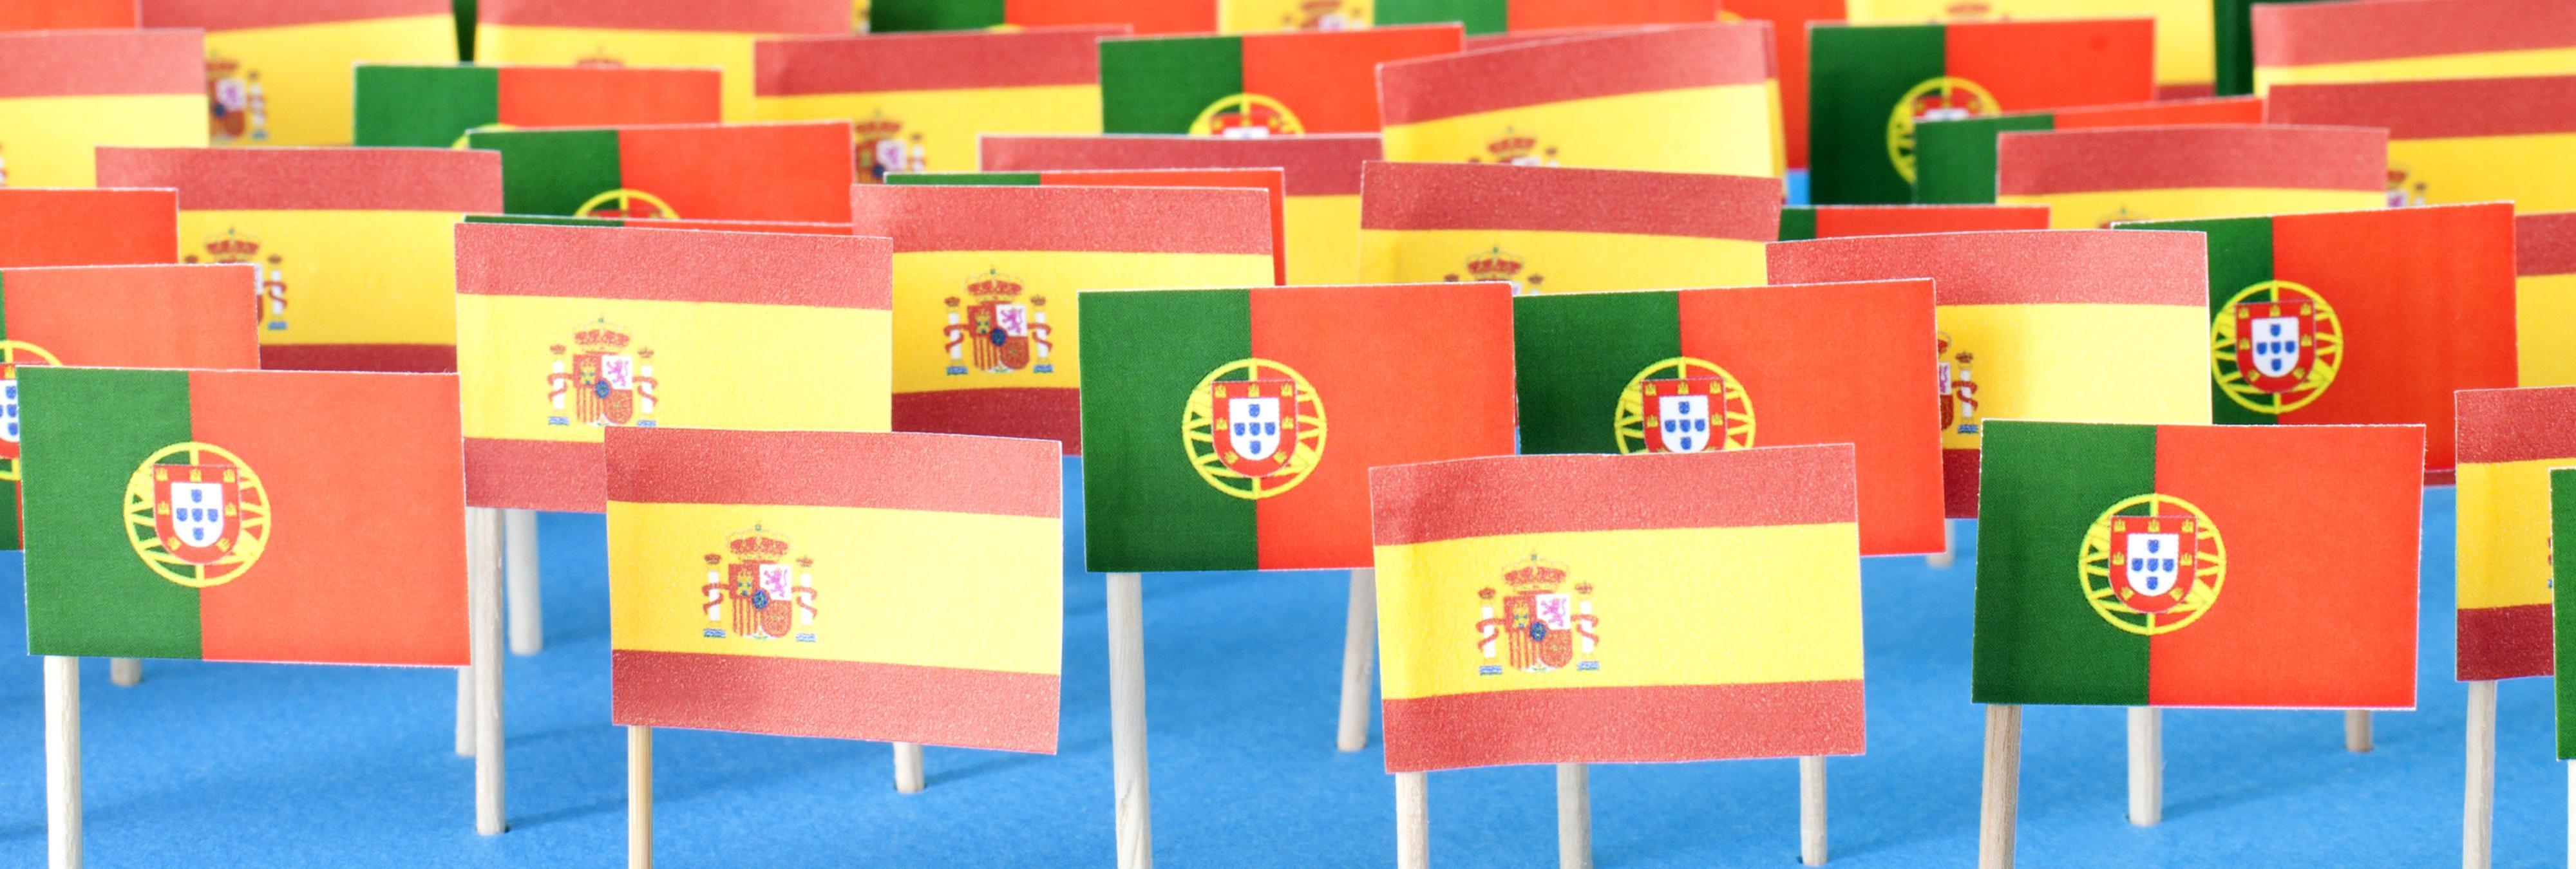 Un 68% de portugueses quiere la unión de Portugal y España